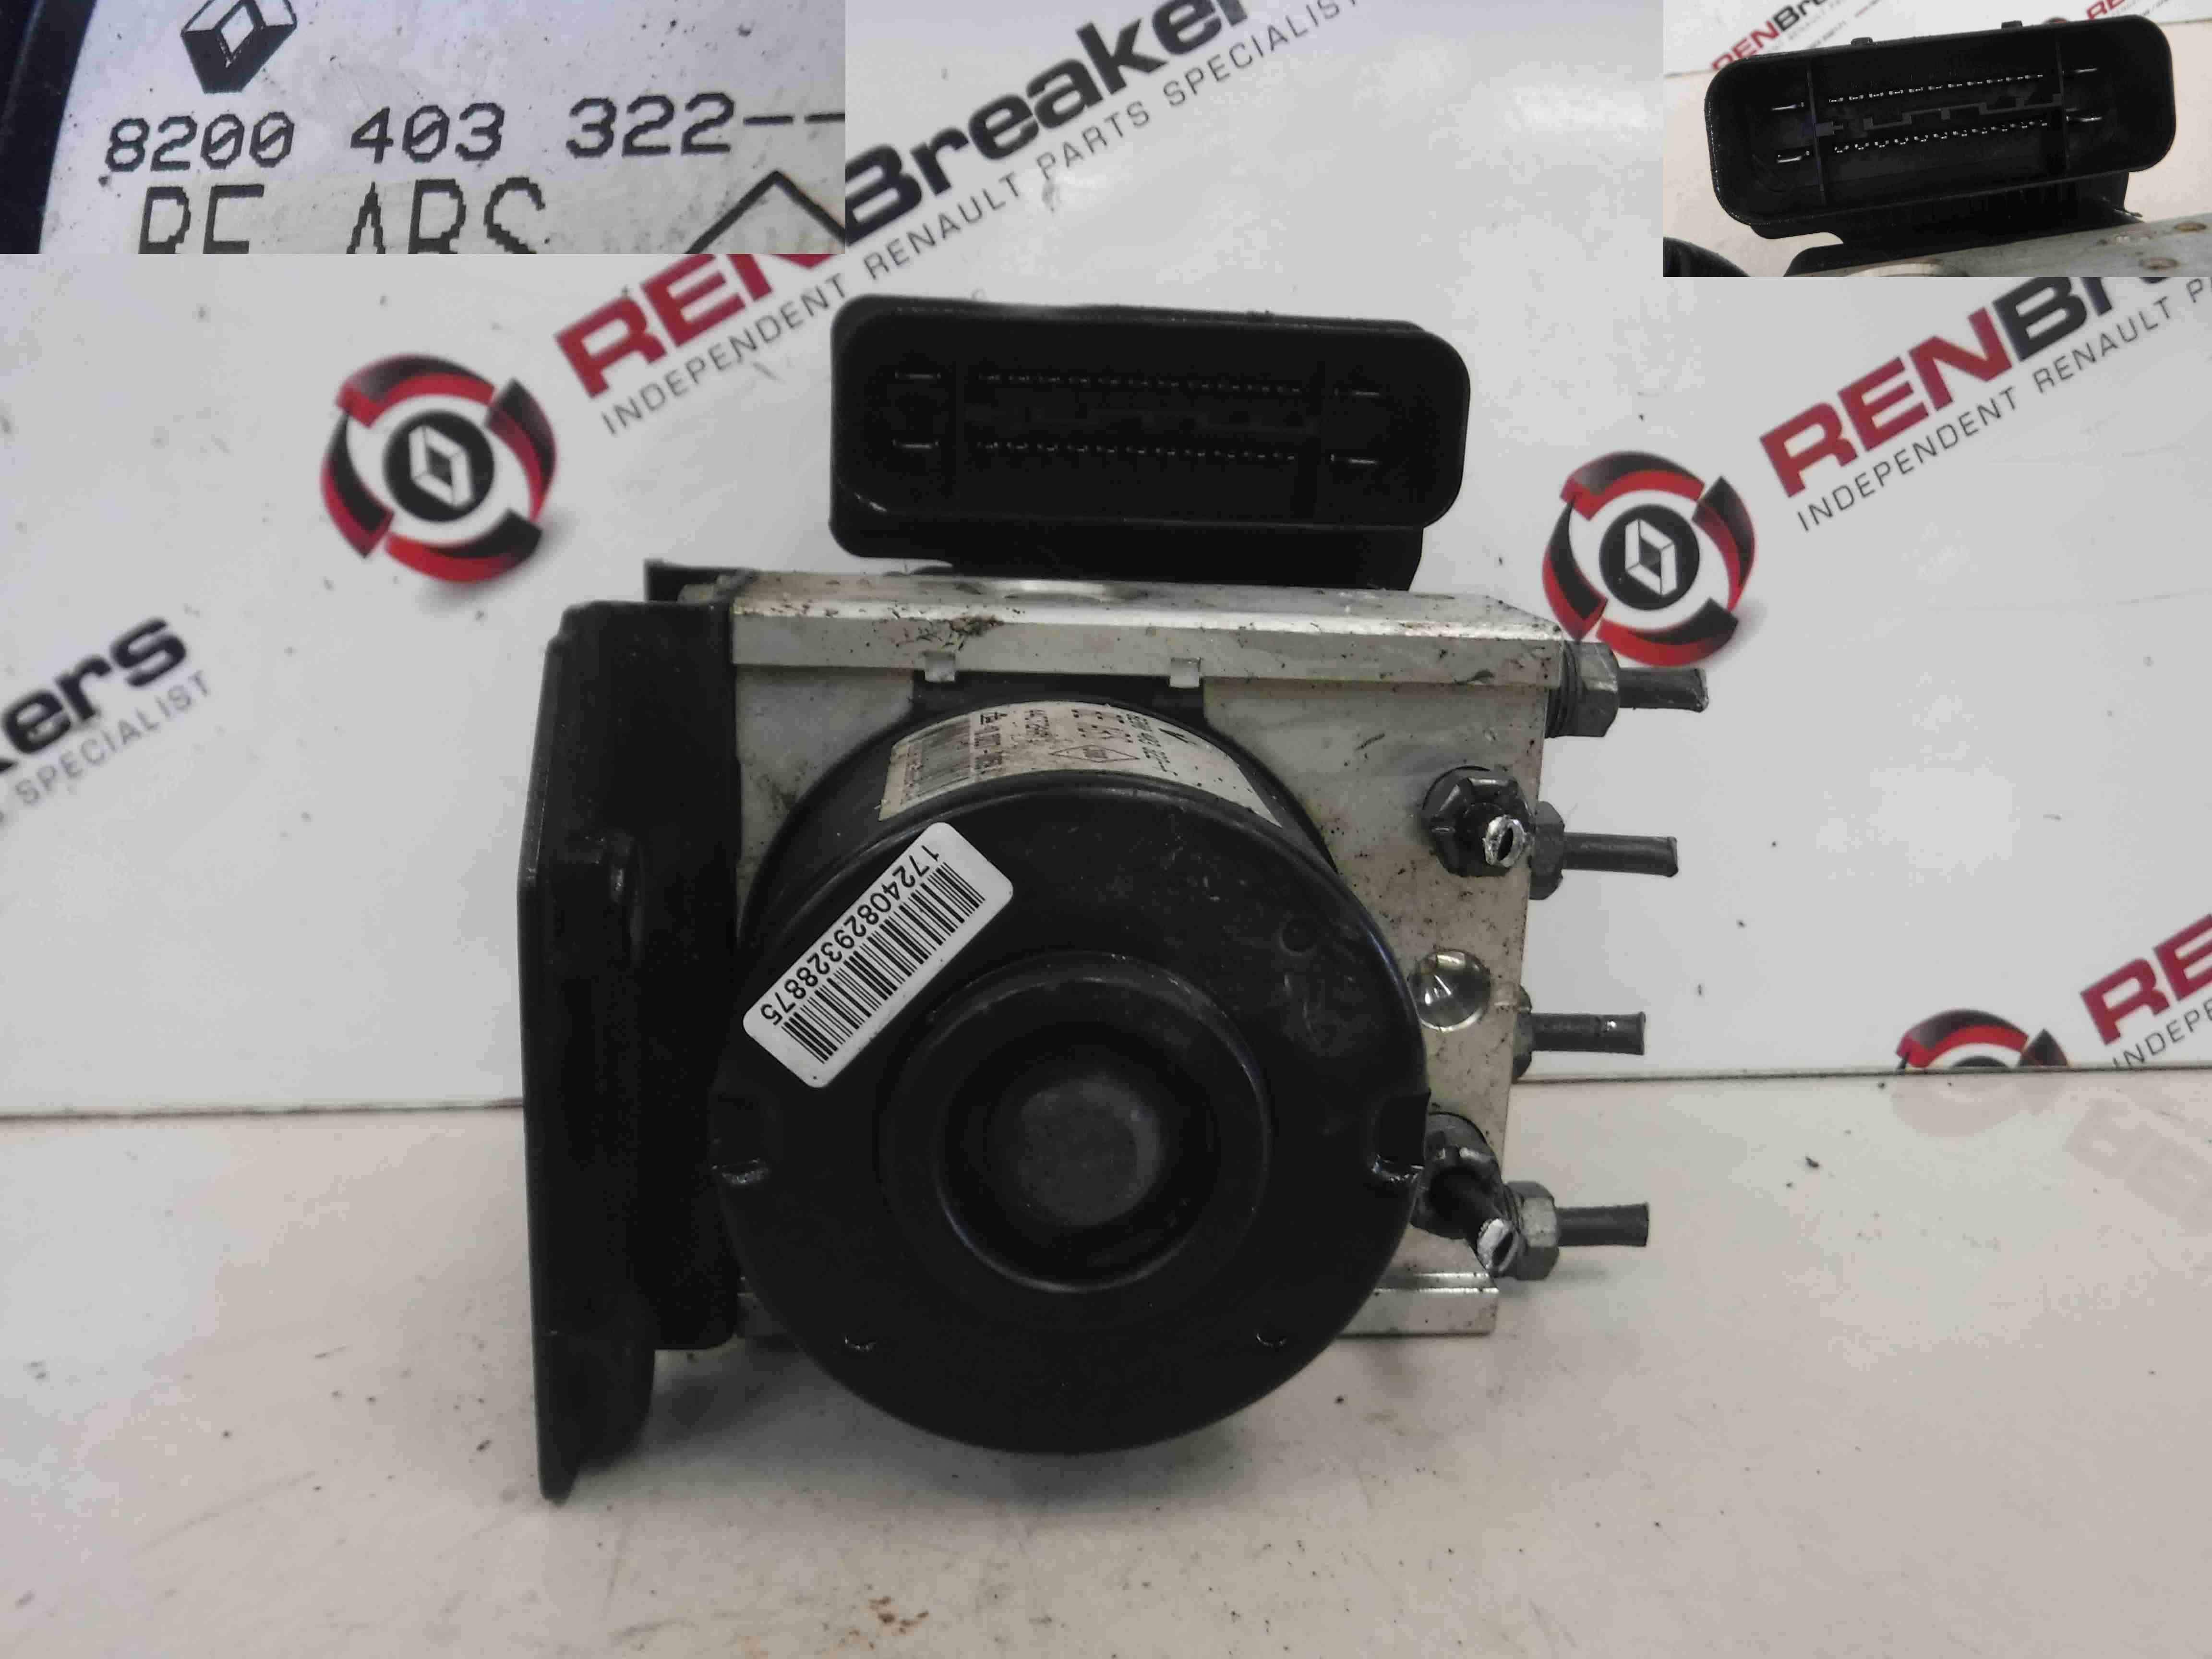 Renault Twingo 2007-2011 ABS Pump Unit 8200403322